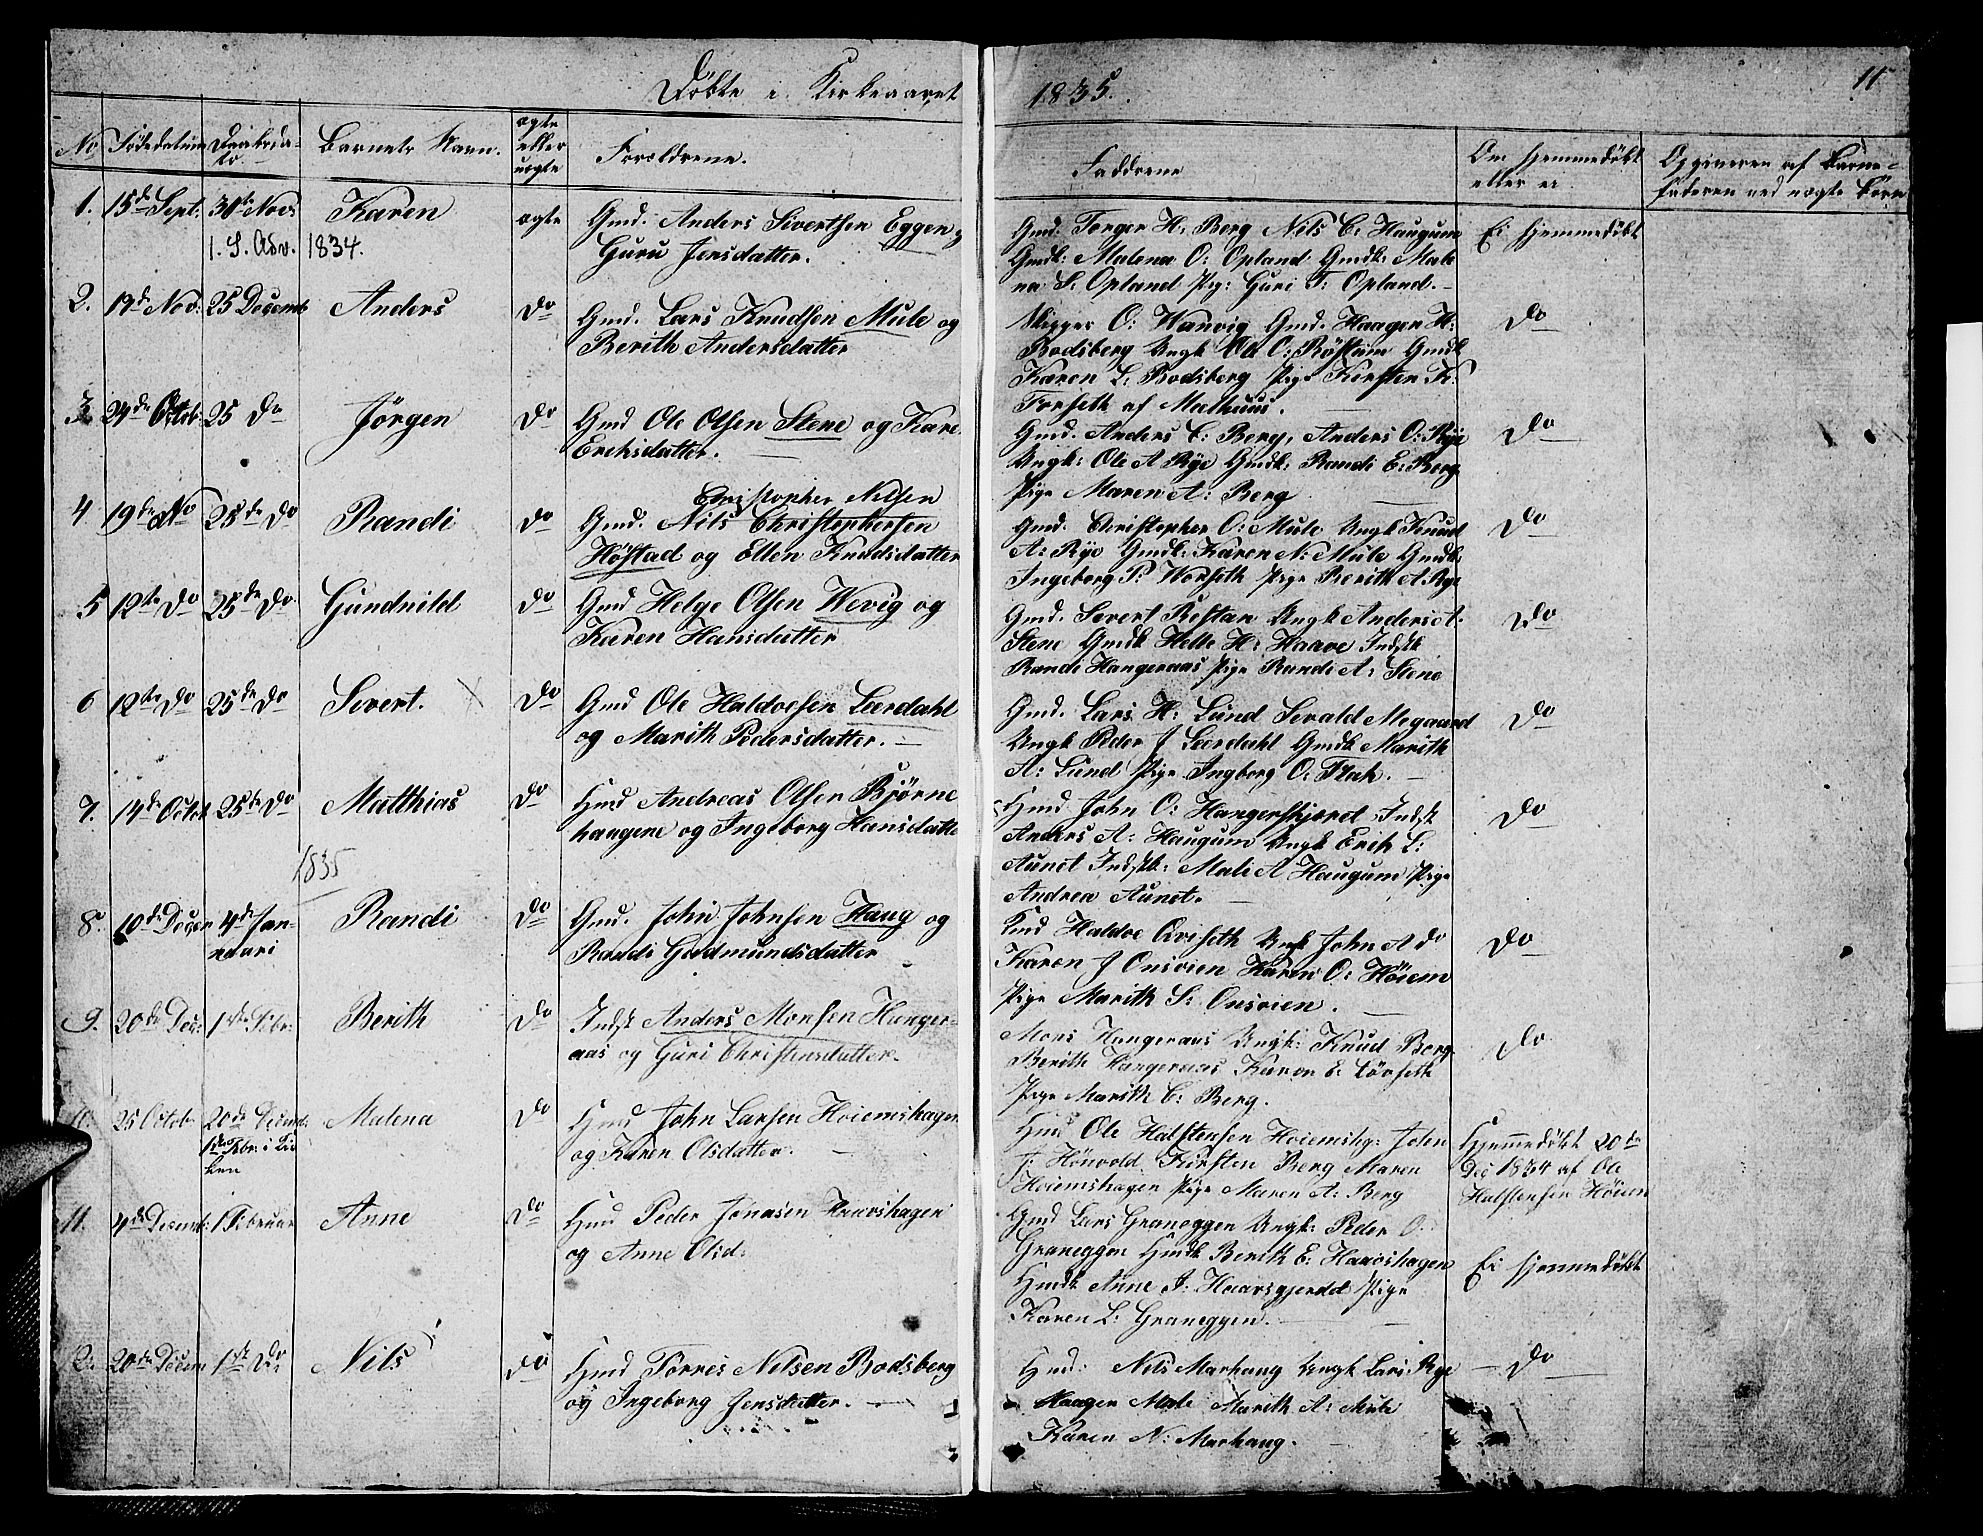 SAT, Ministerialprotokoller, klokkerbøker og fødselsregistre - Sør-Trøndelag, 612/L0386: Klokkerbok nr. 612C02, 1834-1845, s. 11